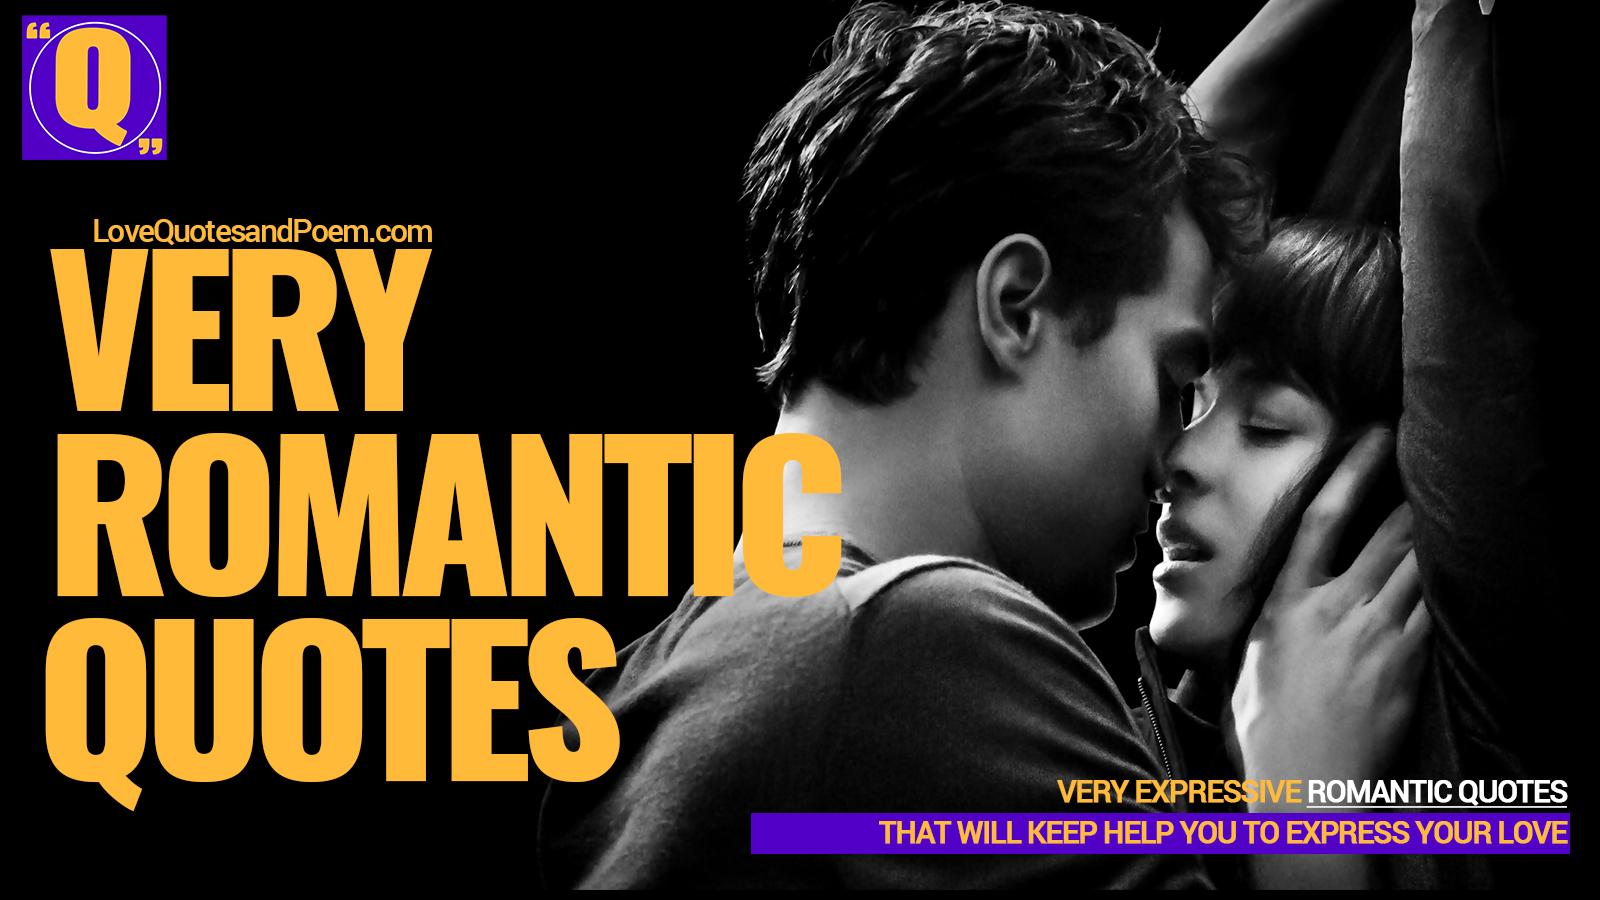 Romantic-Quotes